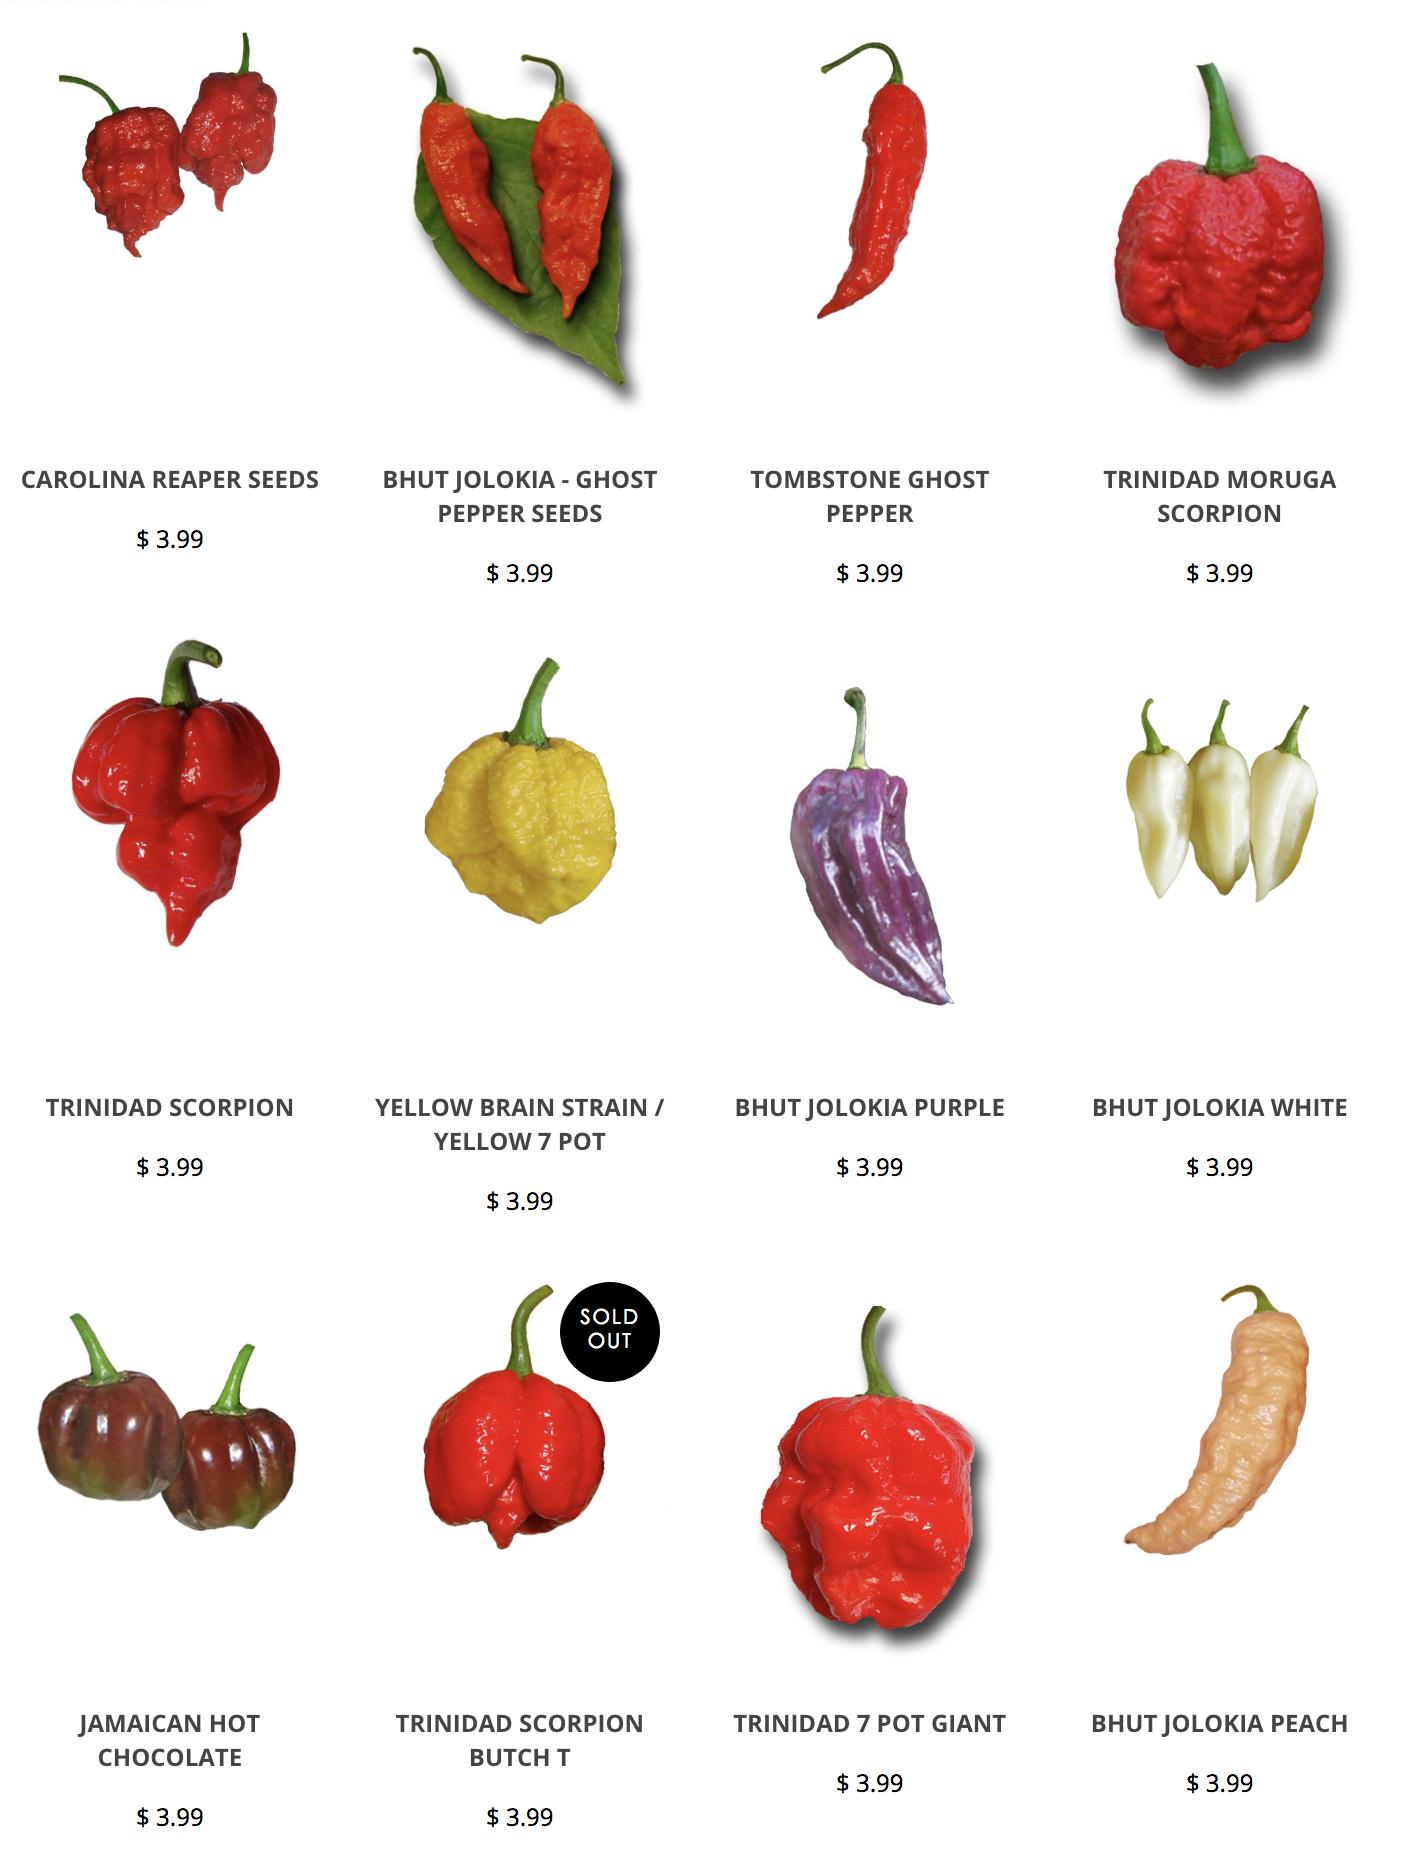 Carolina Reaper Chocolate Hot Pepper Organic 12 Seeds